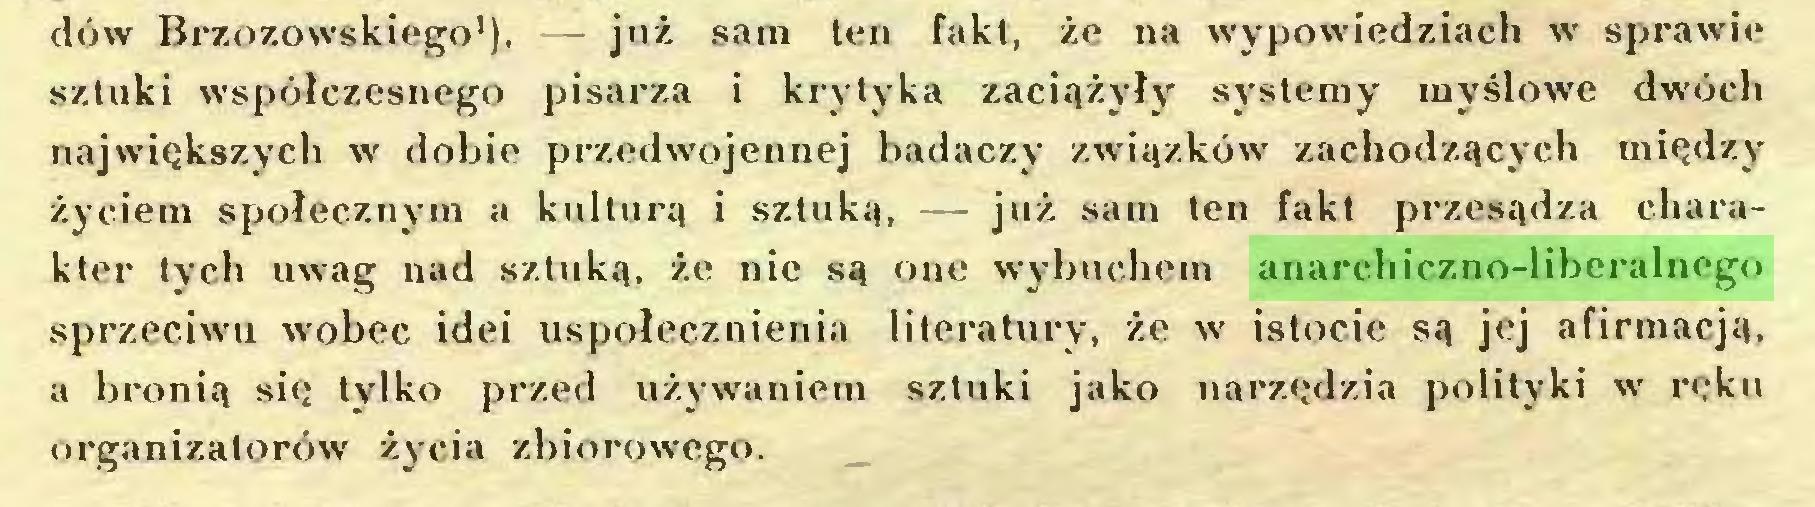 (...) dów Brzozowskiego1). — już sam ten fakt, że na wypowiedziach w sprawie sztuki współczesnego pisarza i krytyka zaciążyły systemy myślowe dwóch największych w dobie przedwojennej badaczy związków zachodzących między życiem społecznym a kulturą i sztuką, — już sam ten fakt przesądza charakter tych uwag nad sztuką, że nie są one wybuchem anarchiczno-liberalnego sprzeciwu wobec idei uspołecznienia literatury, że w istocie są jej afirmacją, a bronią się tylko przed używaniem sztuki jako narzędzia polityki w ręku organizatorów życia zbiorowego...